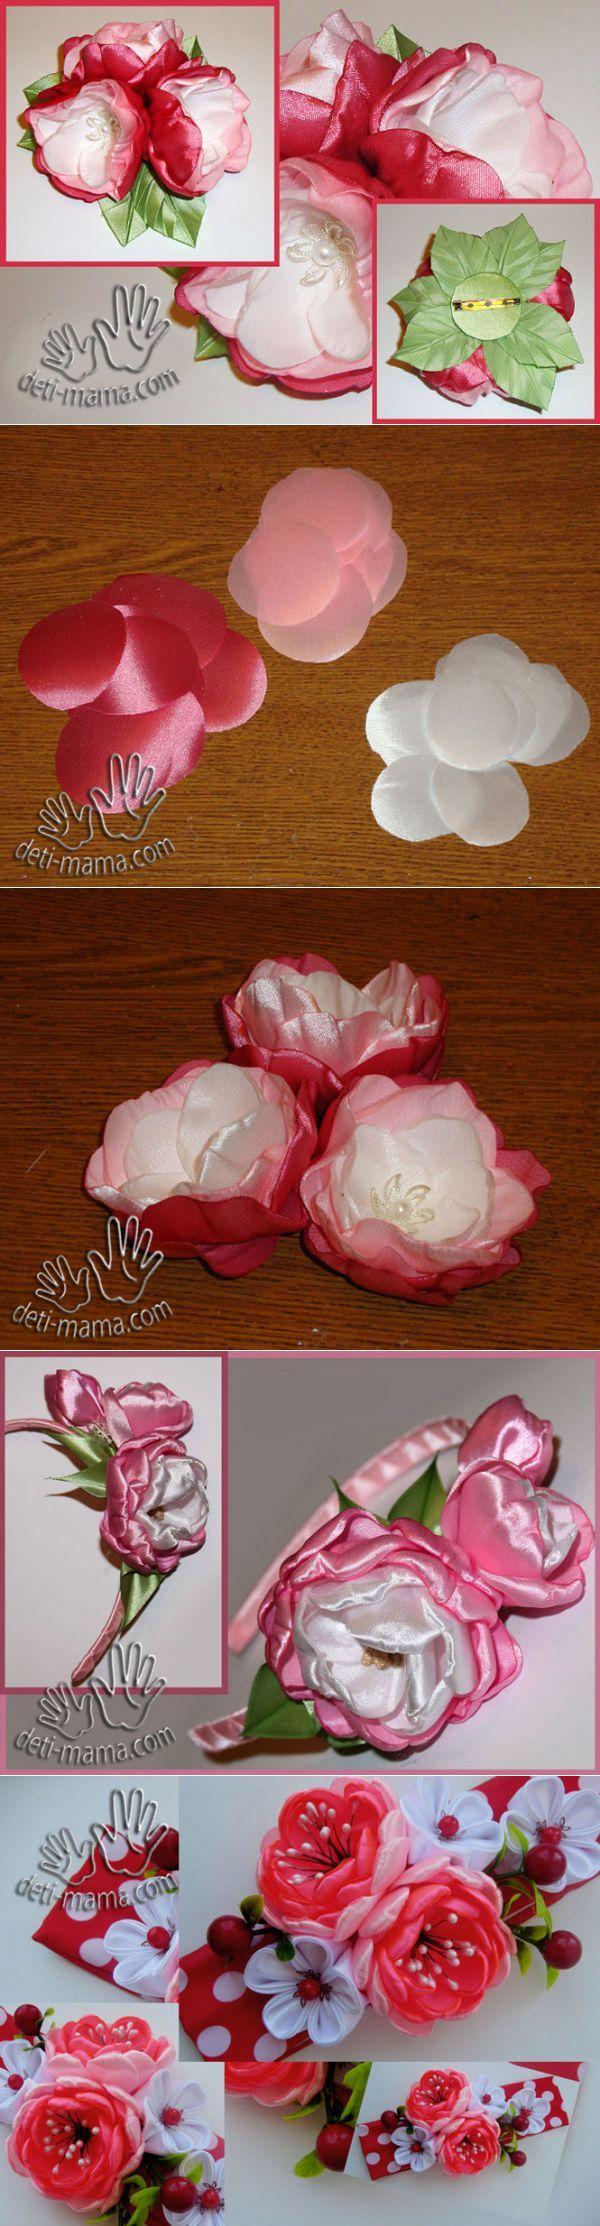 Flores de tela con las manos. Rosa Mosqueta | La revista para las madres y los niños